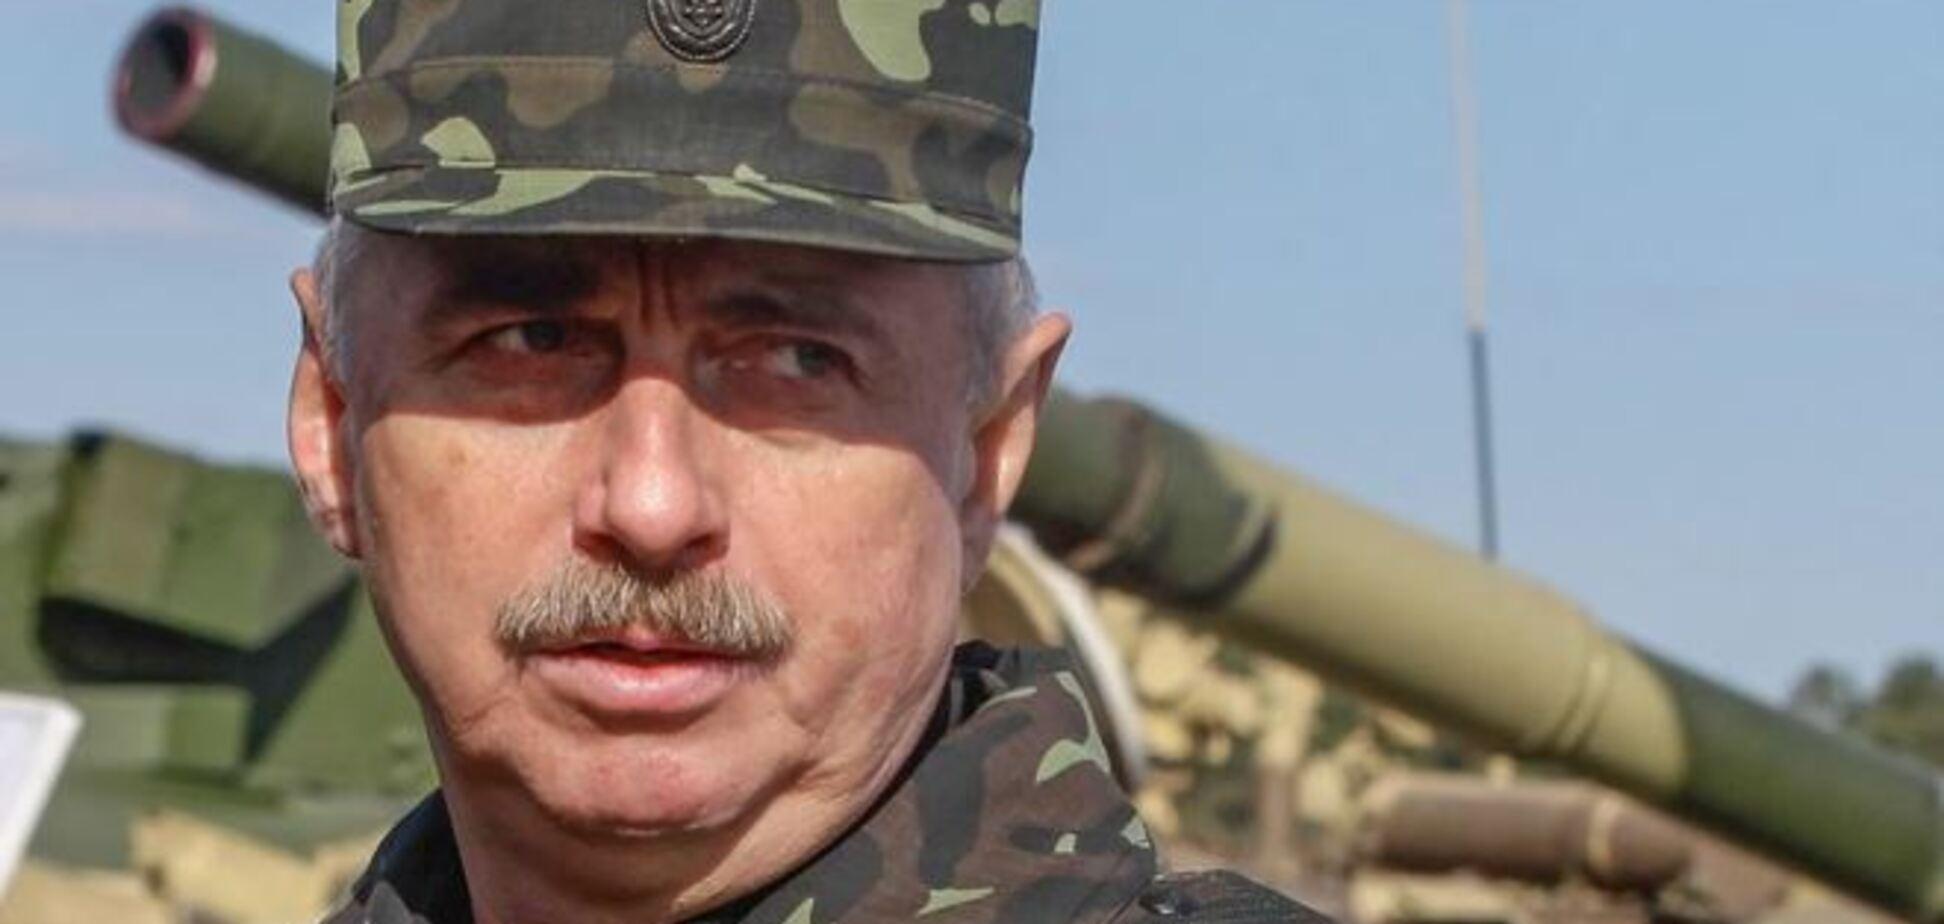 Країни НАТО підтримали АТО на сході України - Коваль